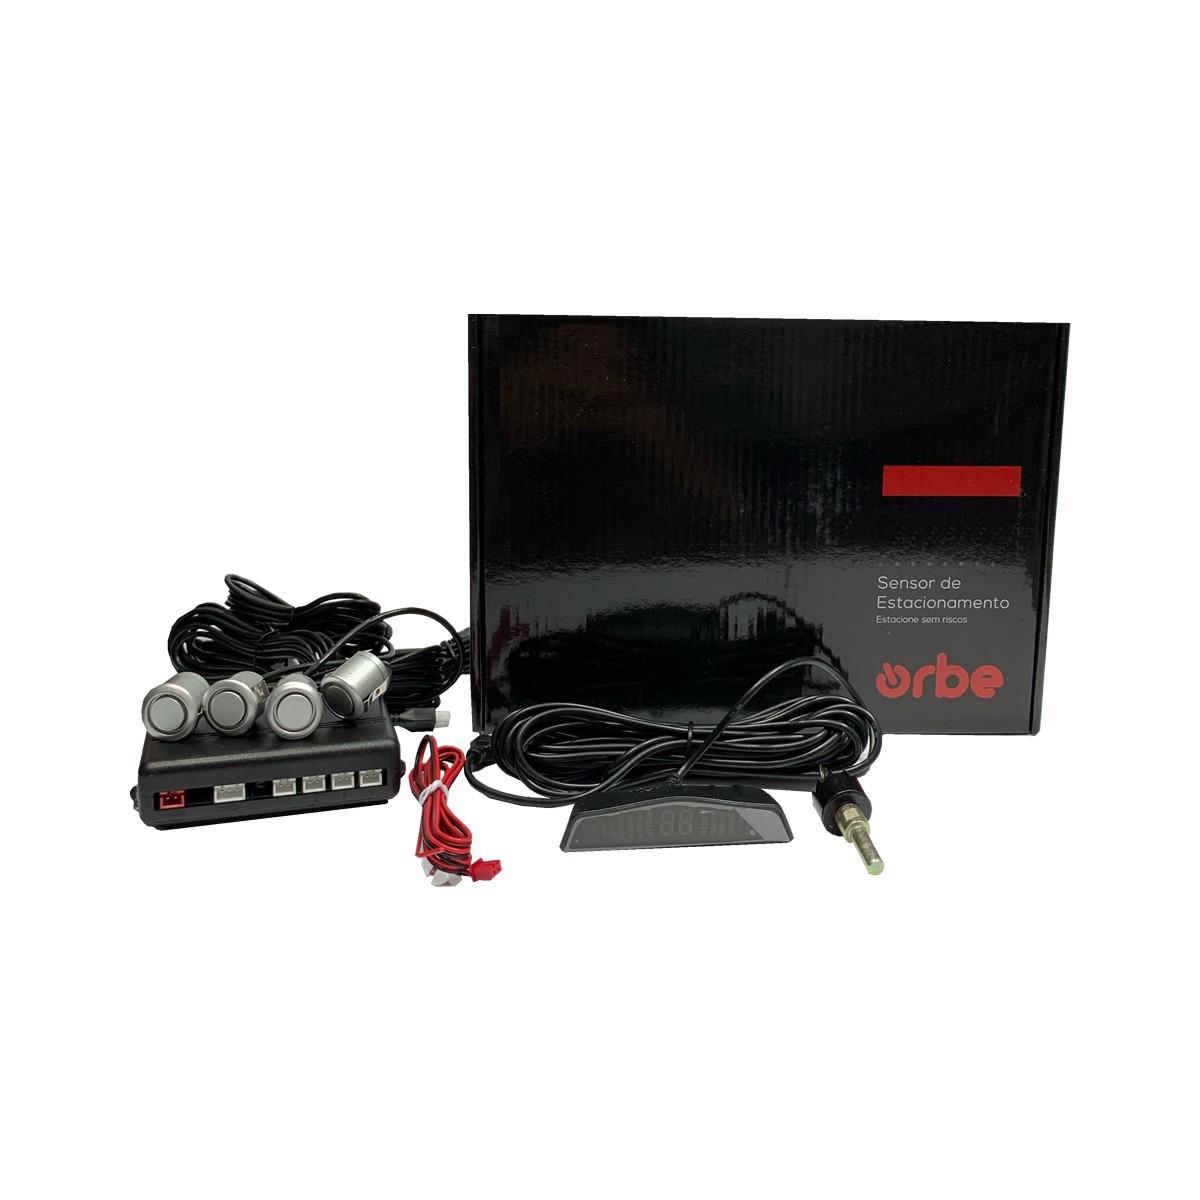 Sensor de Estacionamento Orbe B061 4 Pontos com Display Emborrachado